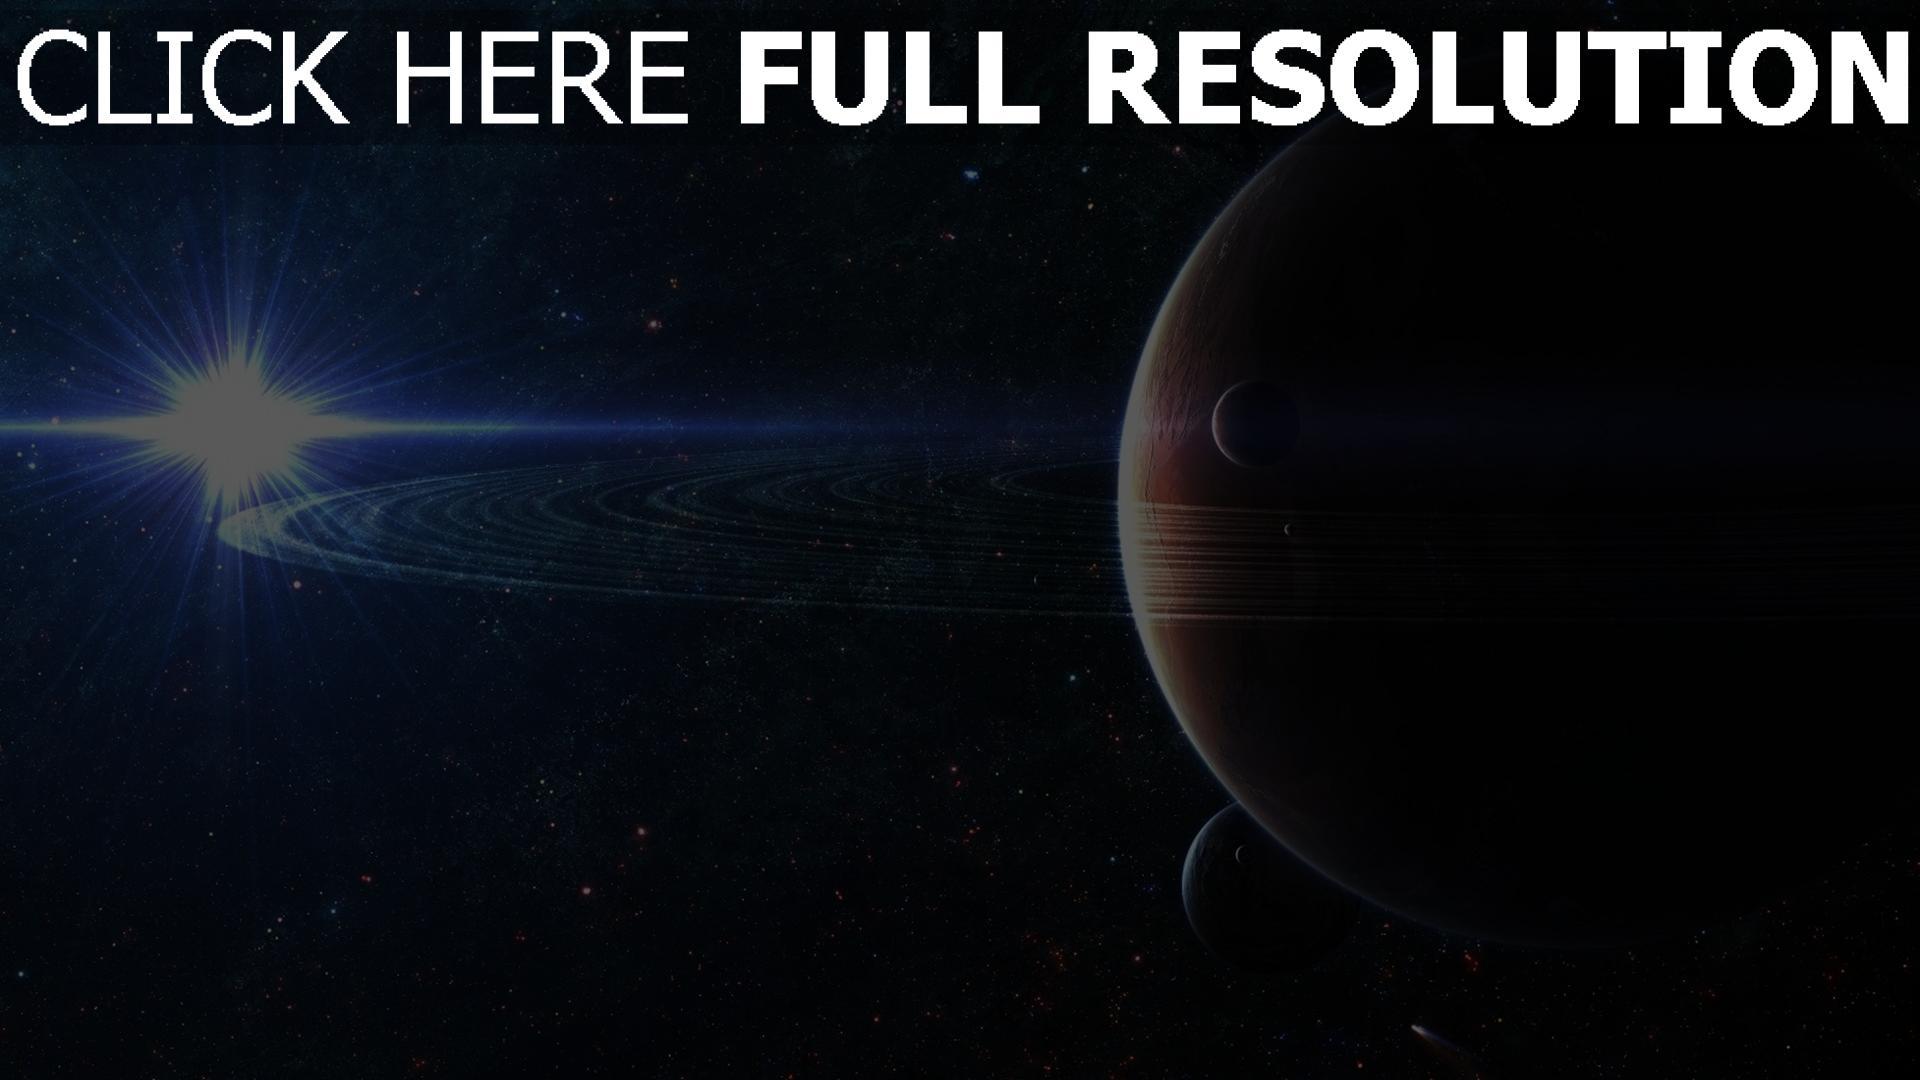 fond d'écran 1920x1080 planète avec des anneaux lumière étoile